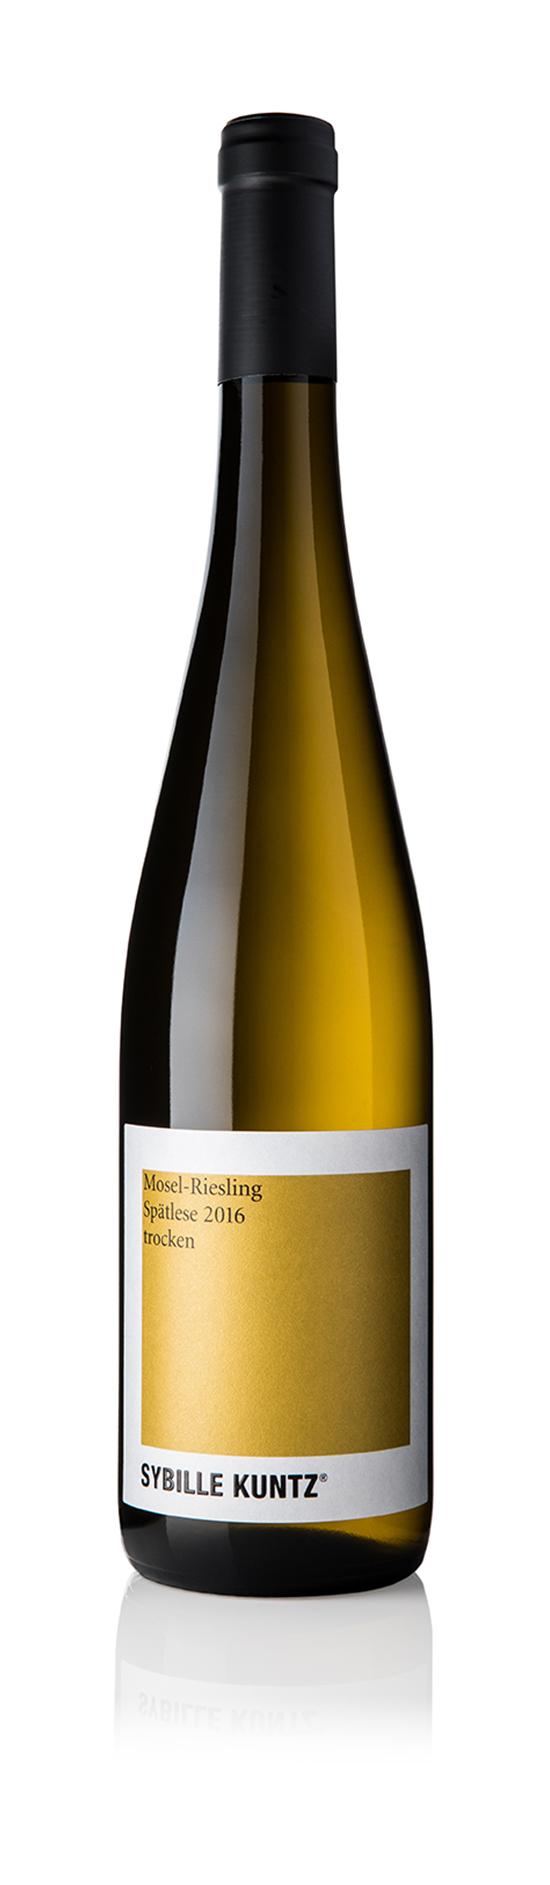 2016 SYBILLE KUNTZ Mosel-Riesling Spätlese trocken 0,75 l